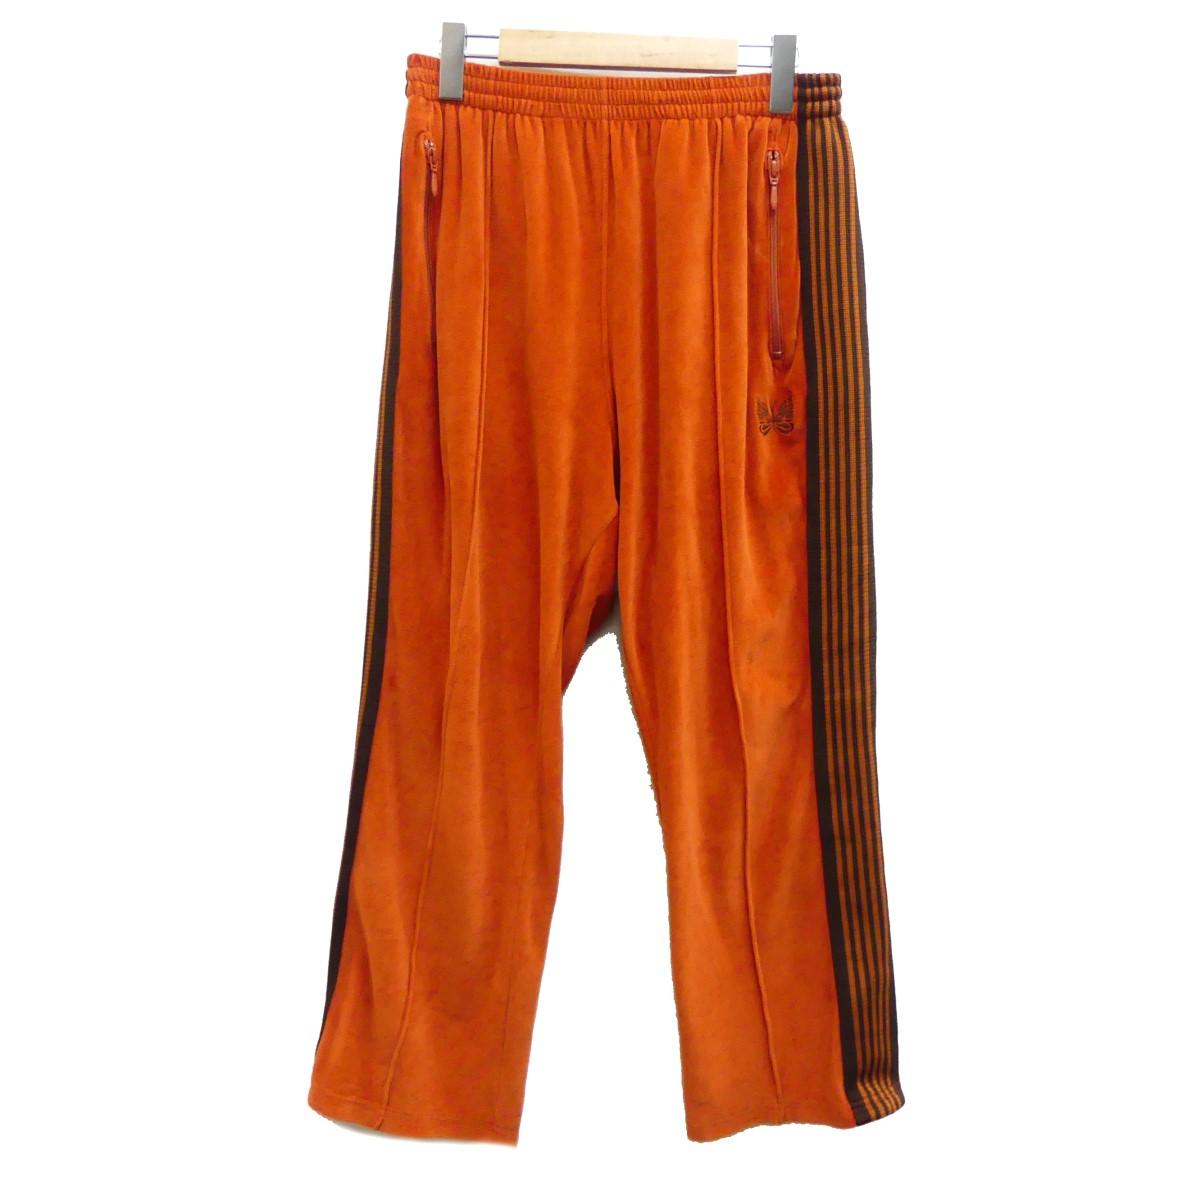 【中古】Needles 19SS Narrow Track Pant ナロートラックパンツ オレンジ サイズ:M 【080320】(ニードルス)